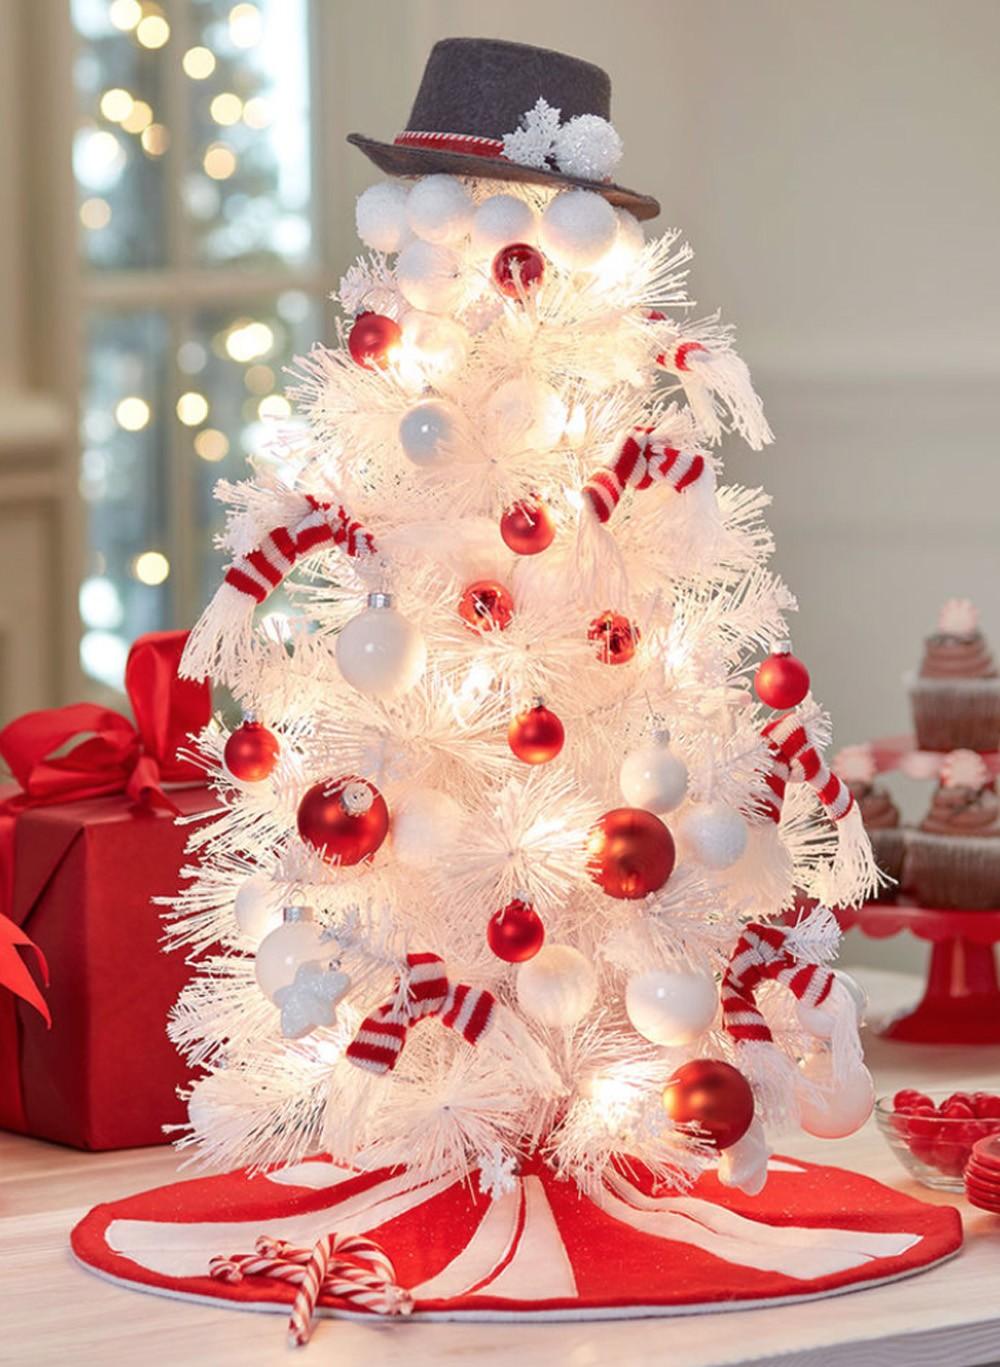 Christmas-Homemade-Decorating-Ideas